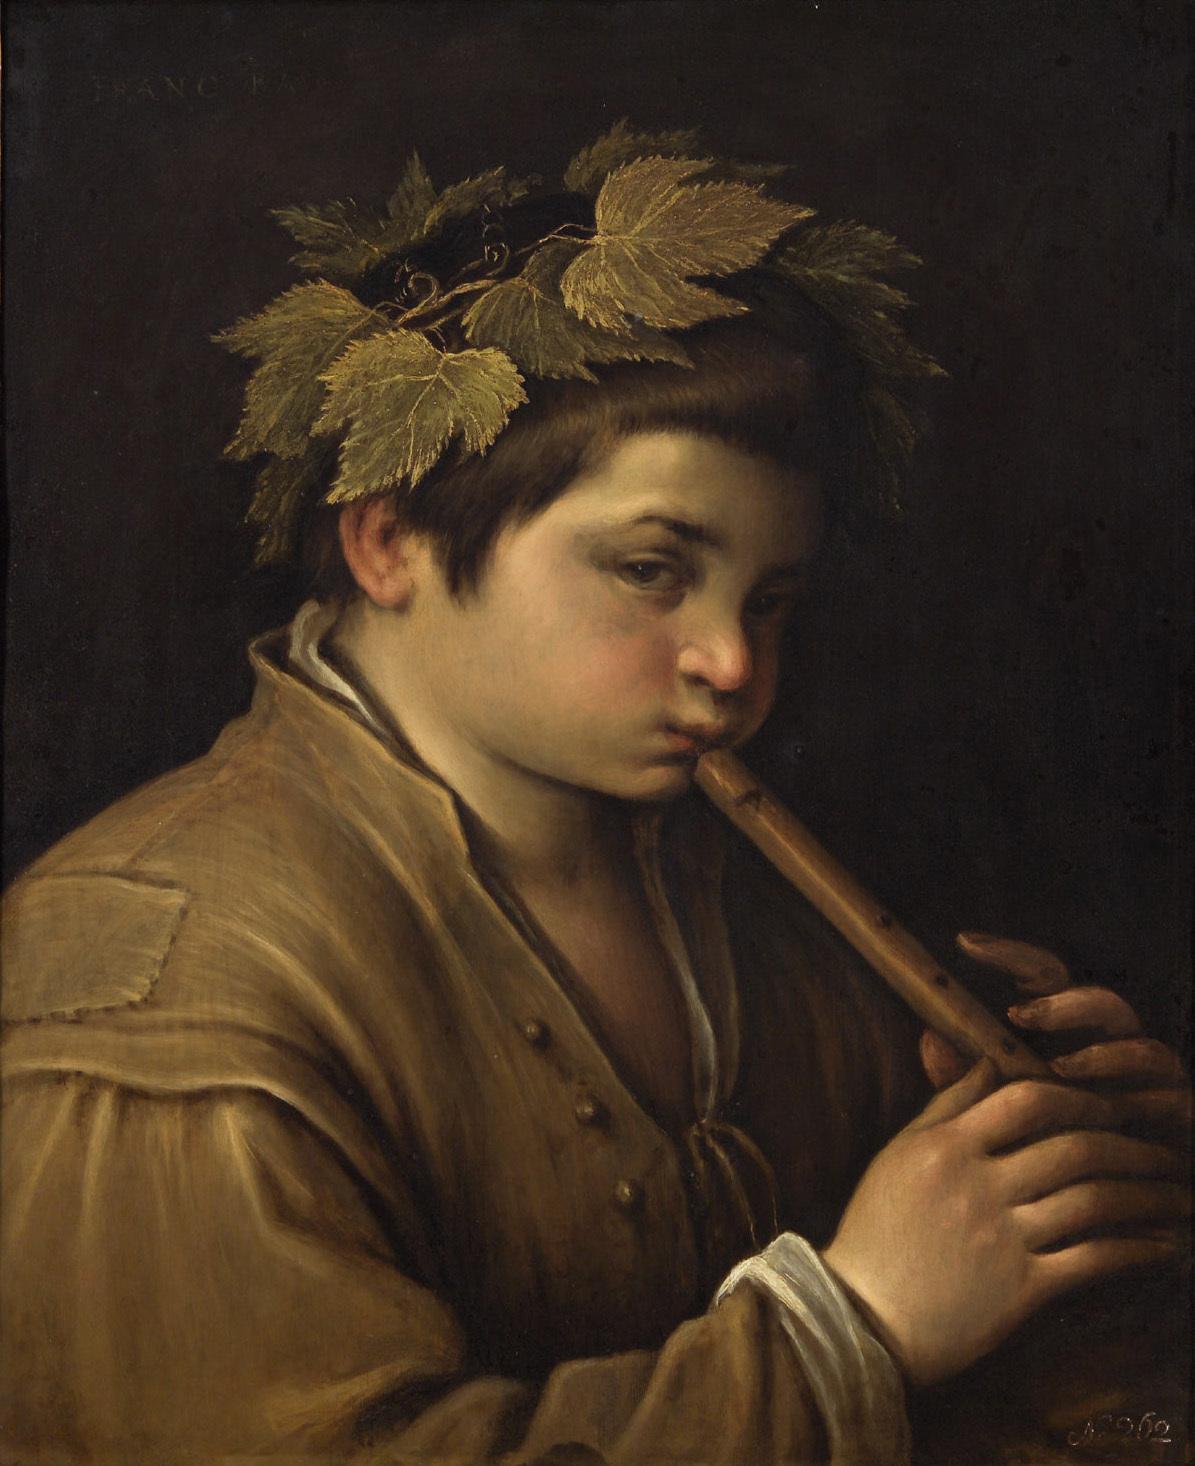 Knabe mit Flöte von Francesco da Ponte, gen. Francesco Bassano